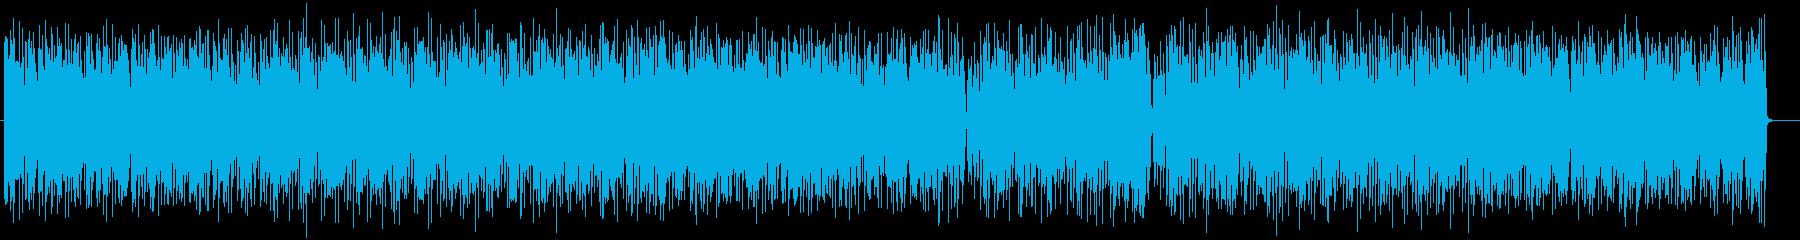 近未来的なシンセサイザーのポップスの再生済みの波形